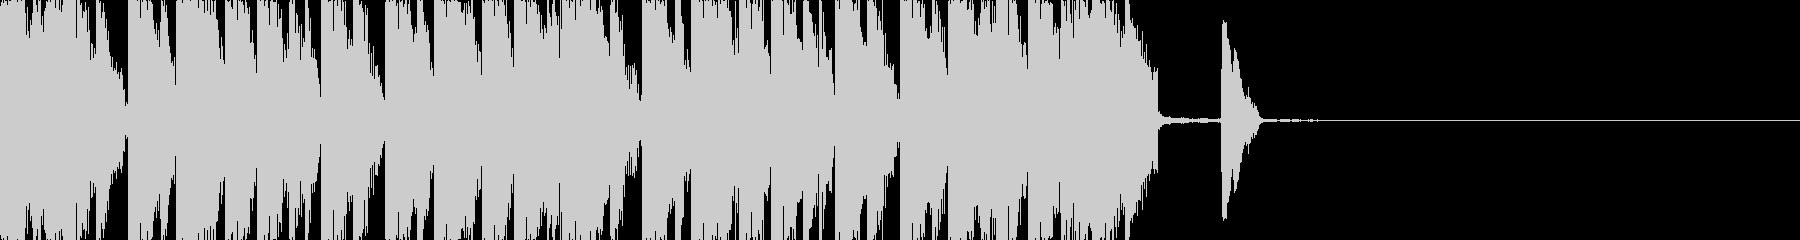 ユニークで面白いコミカルなジングルBGMの未再生の波形